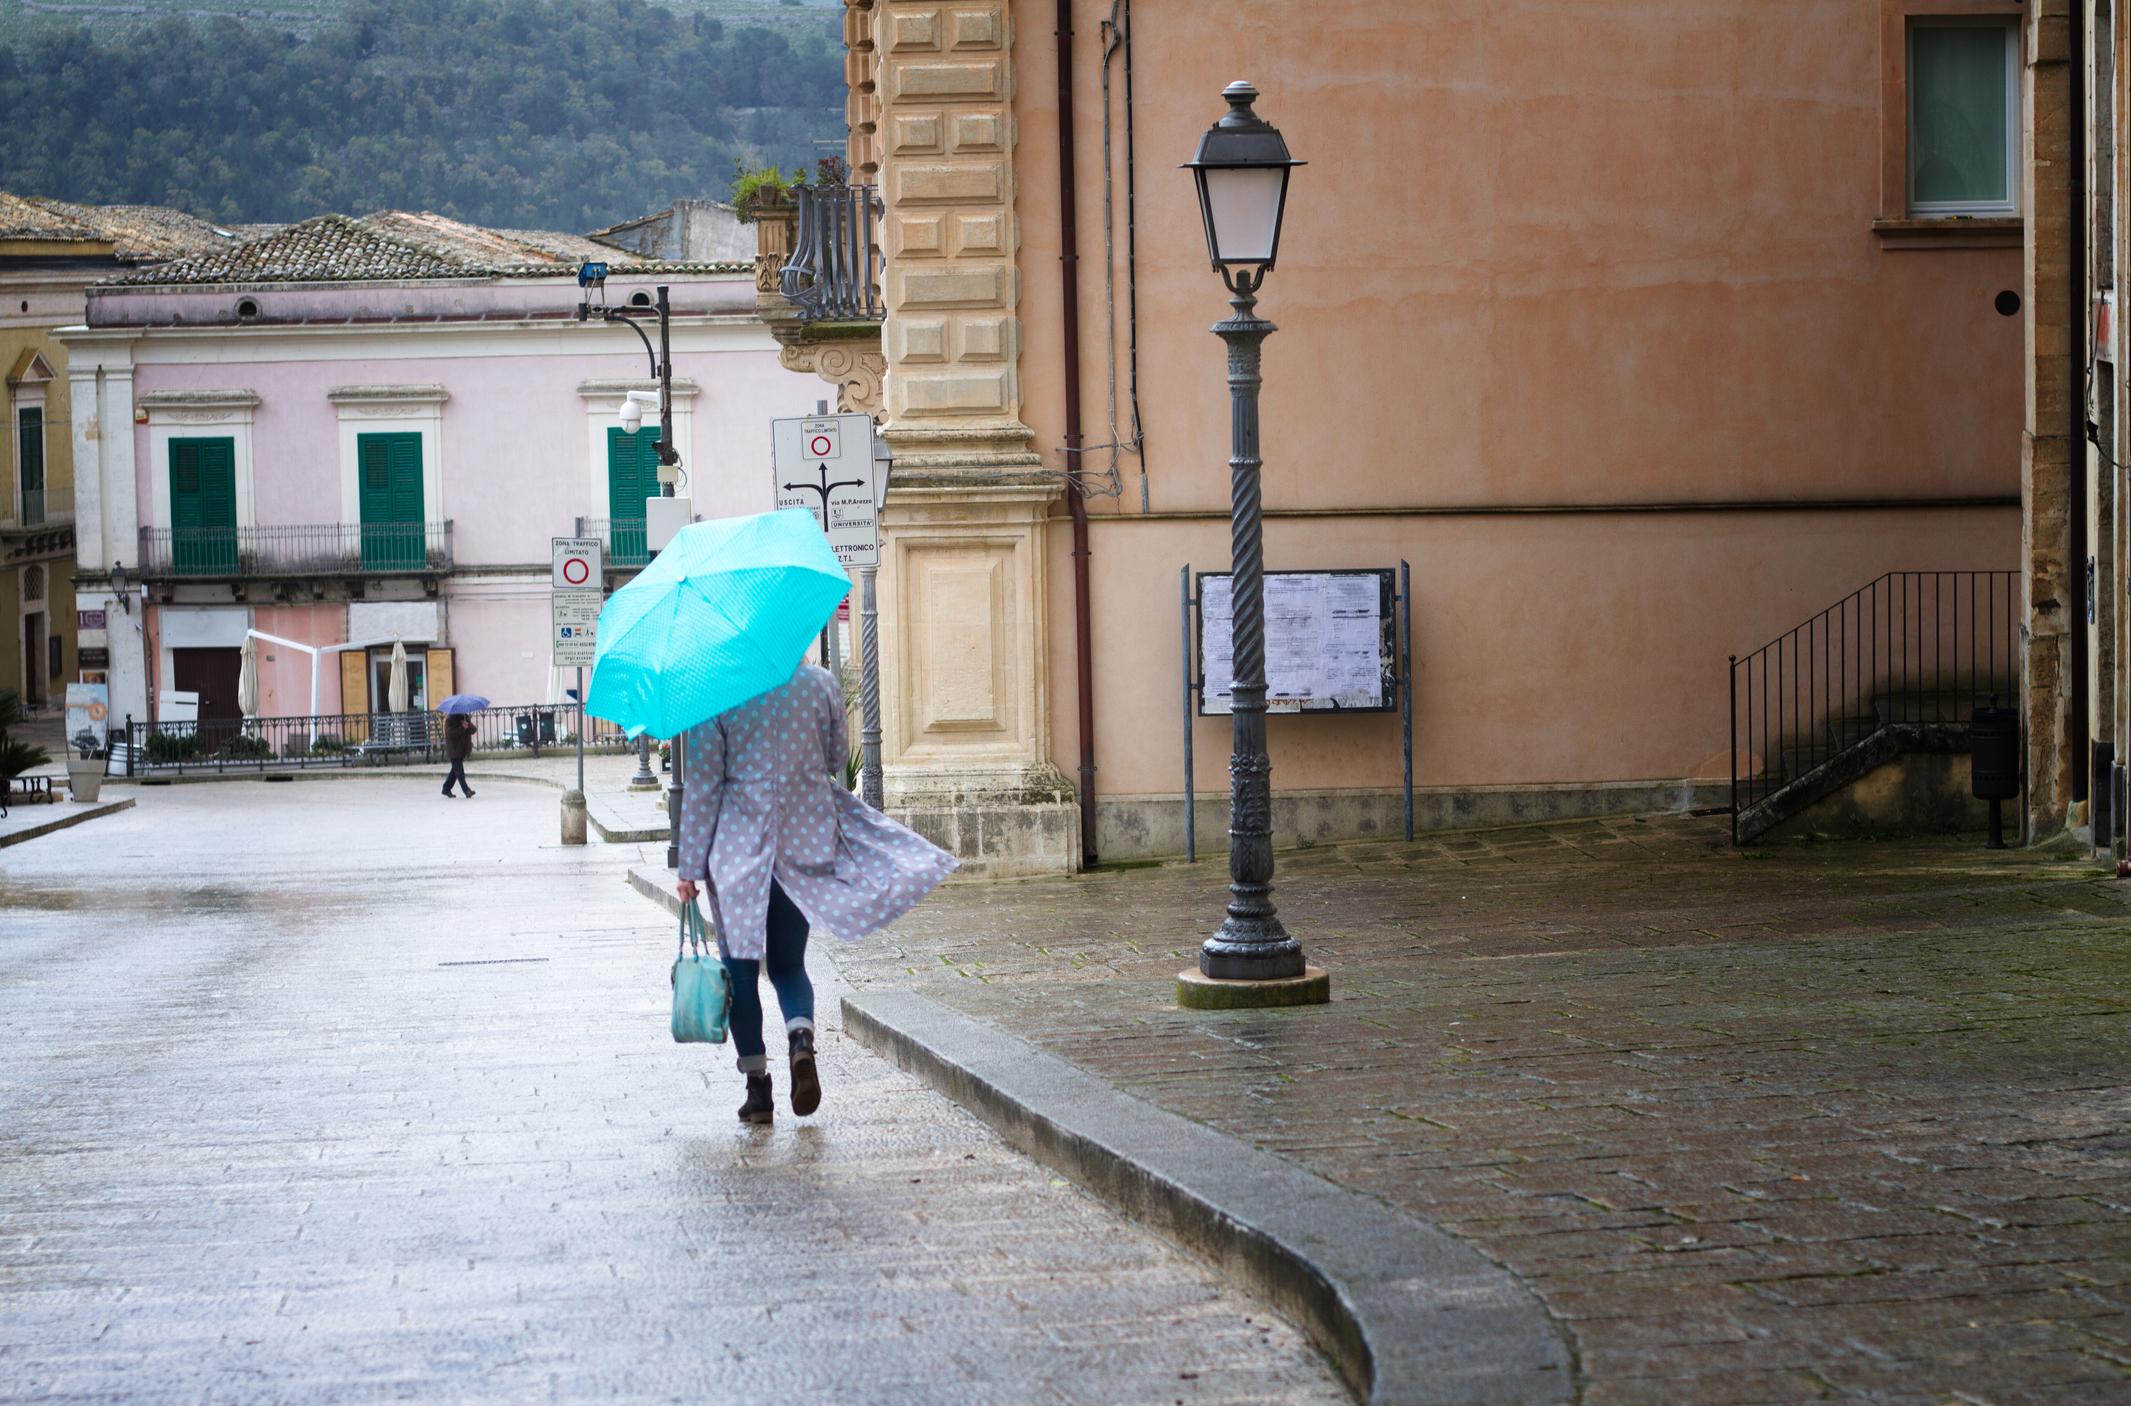 52090b98db Keresheted elő az esernyőt. A jövő hét időjárásában nem lesz köszönet -  Blikk Rúzs